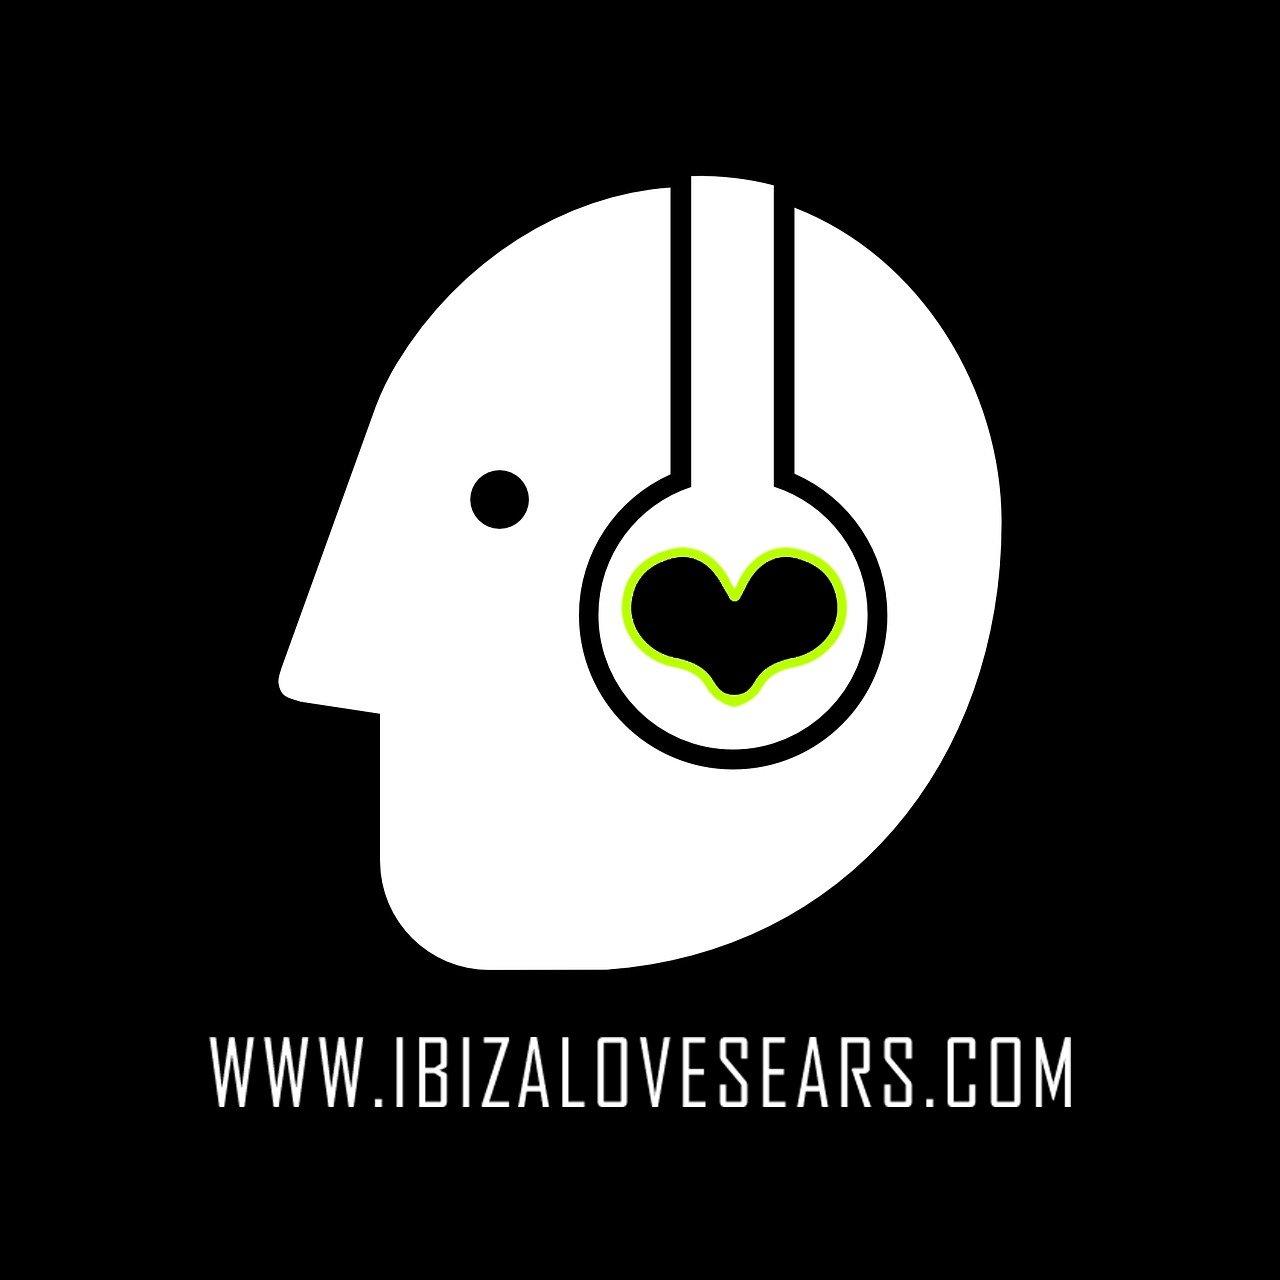 Ibiza loves ears